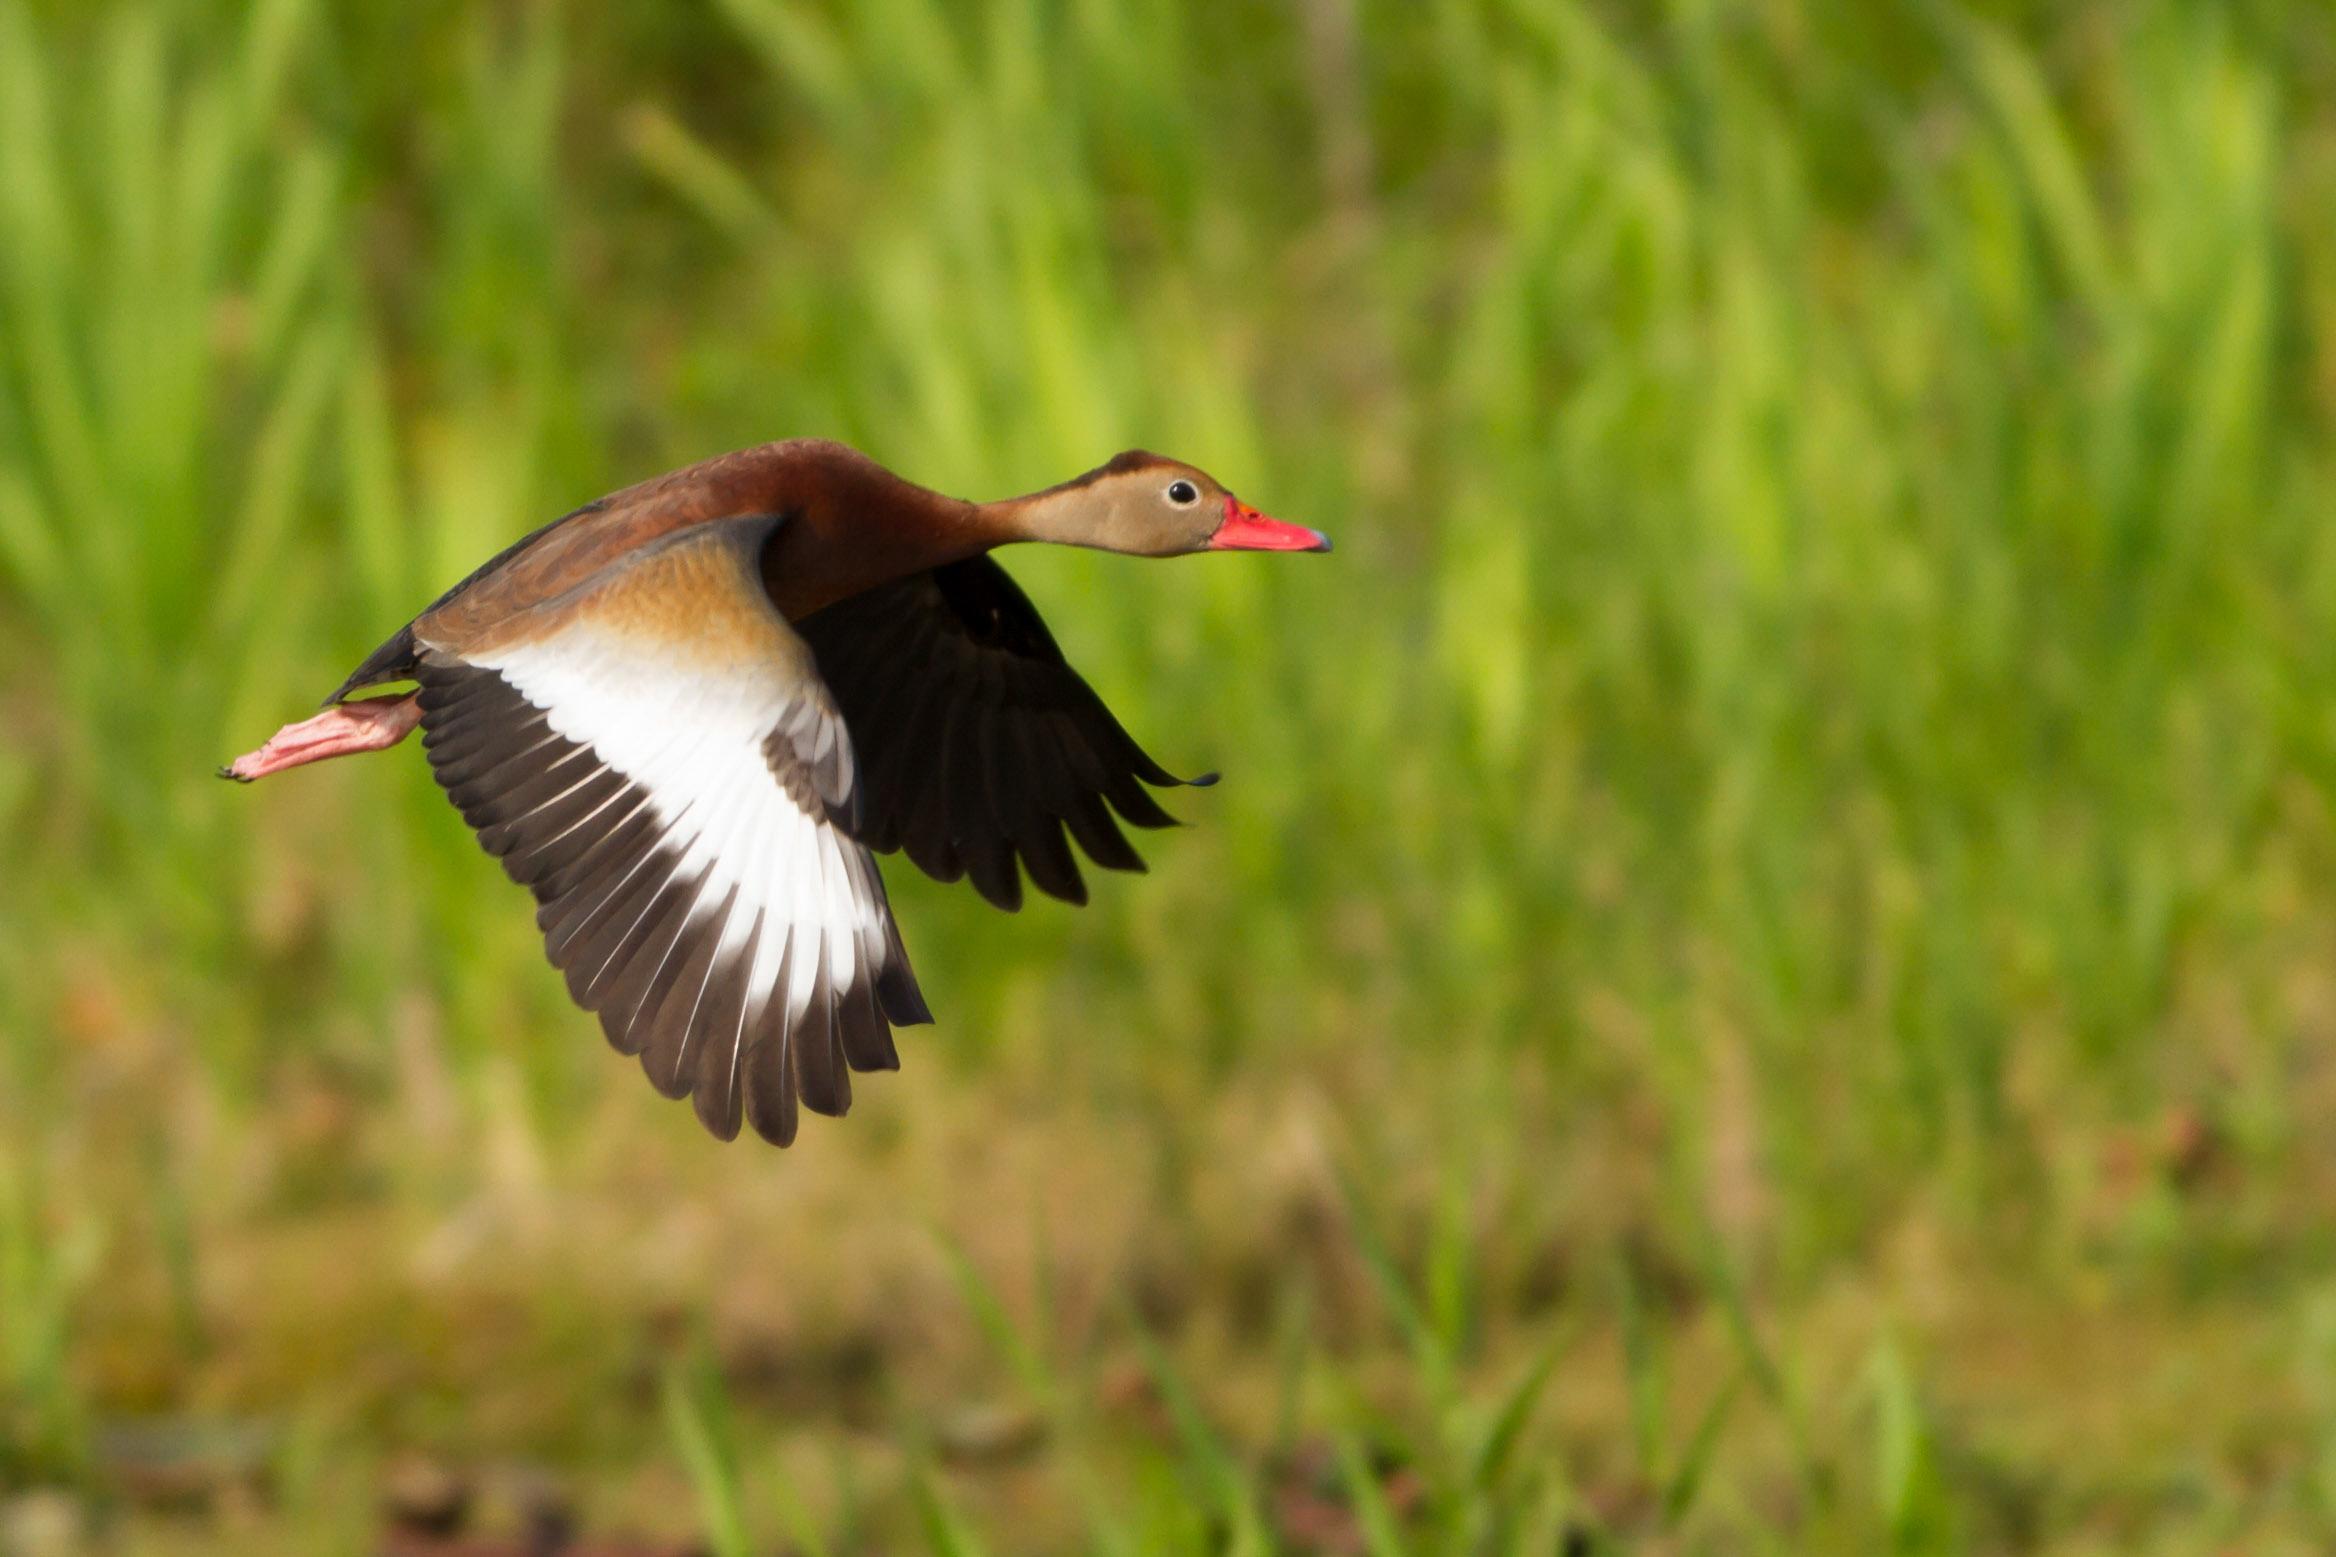 Black-bellied Whistling Duck. Photo: Kyle Fritz/Audubon Photography Awards.